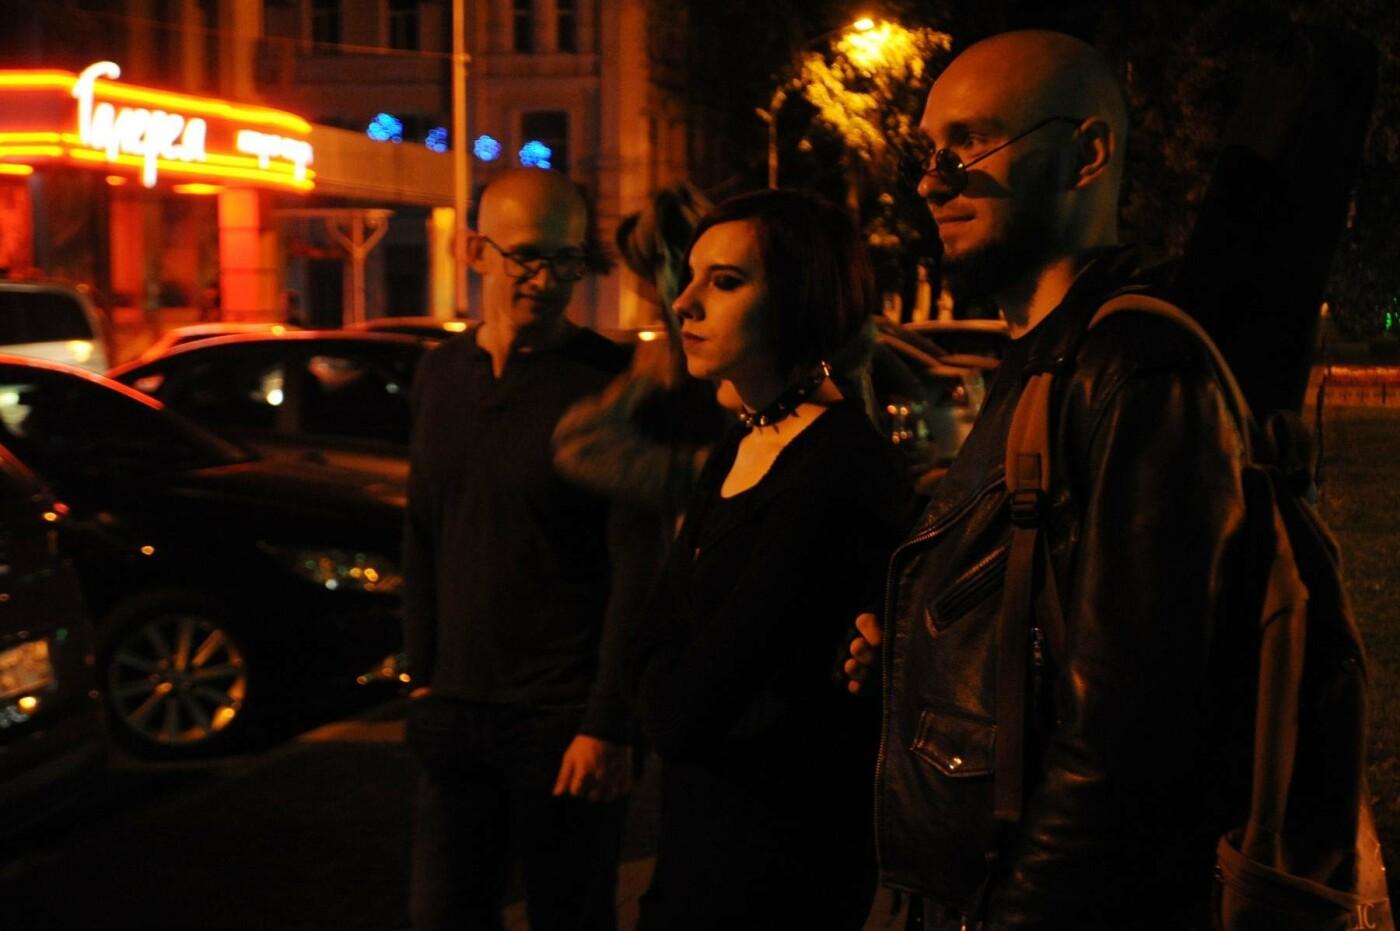 Гостям #Чернозёма рассказали об истории тамбовского рока, фото-3